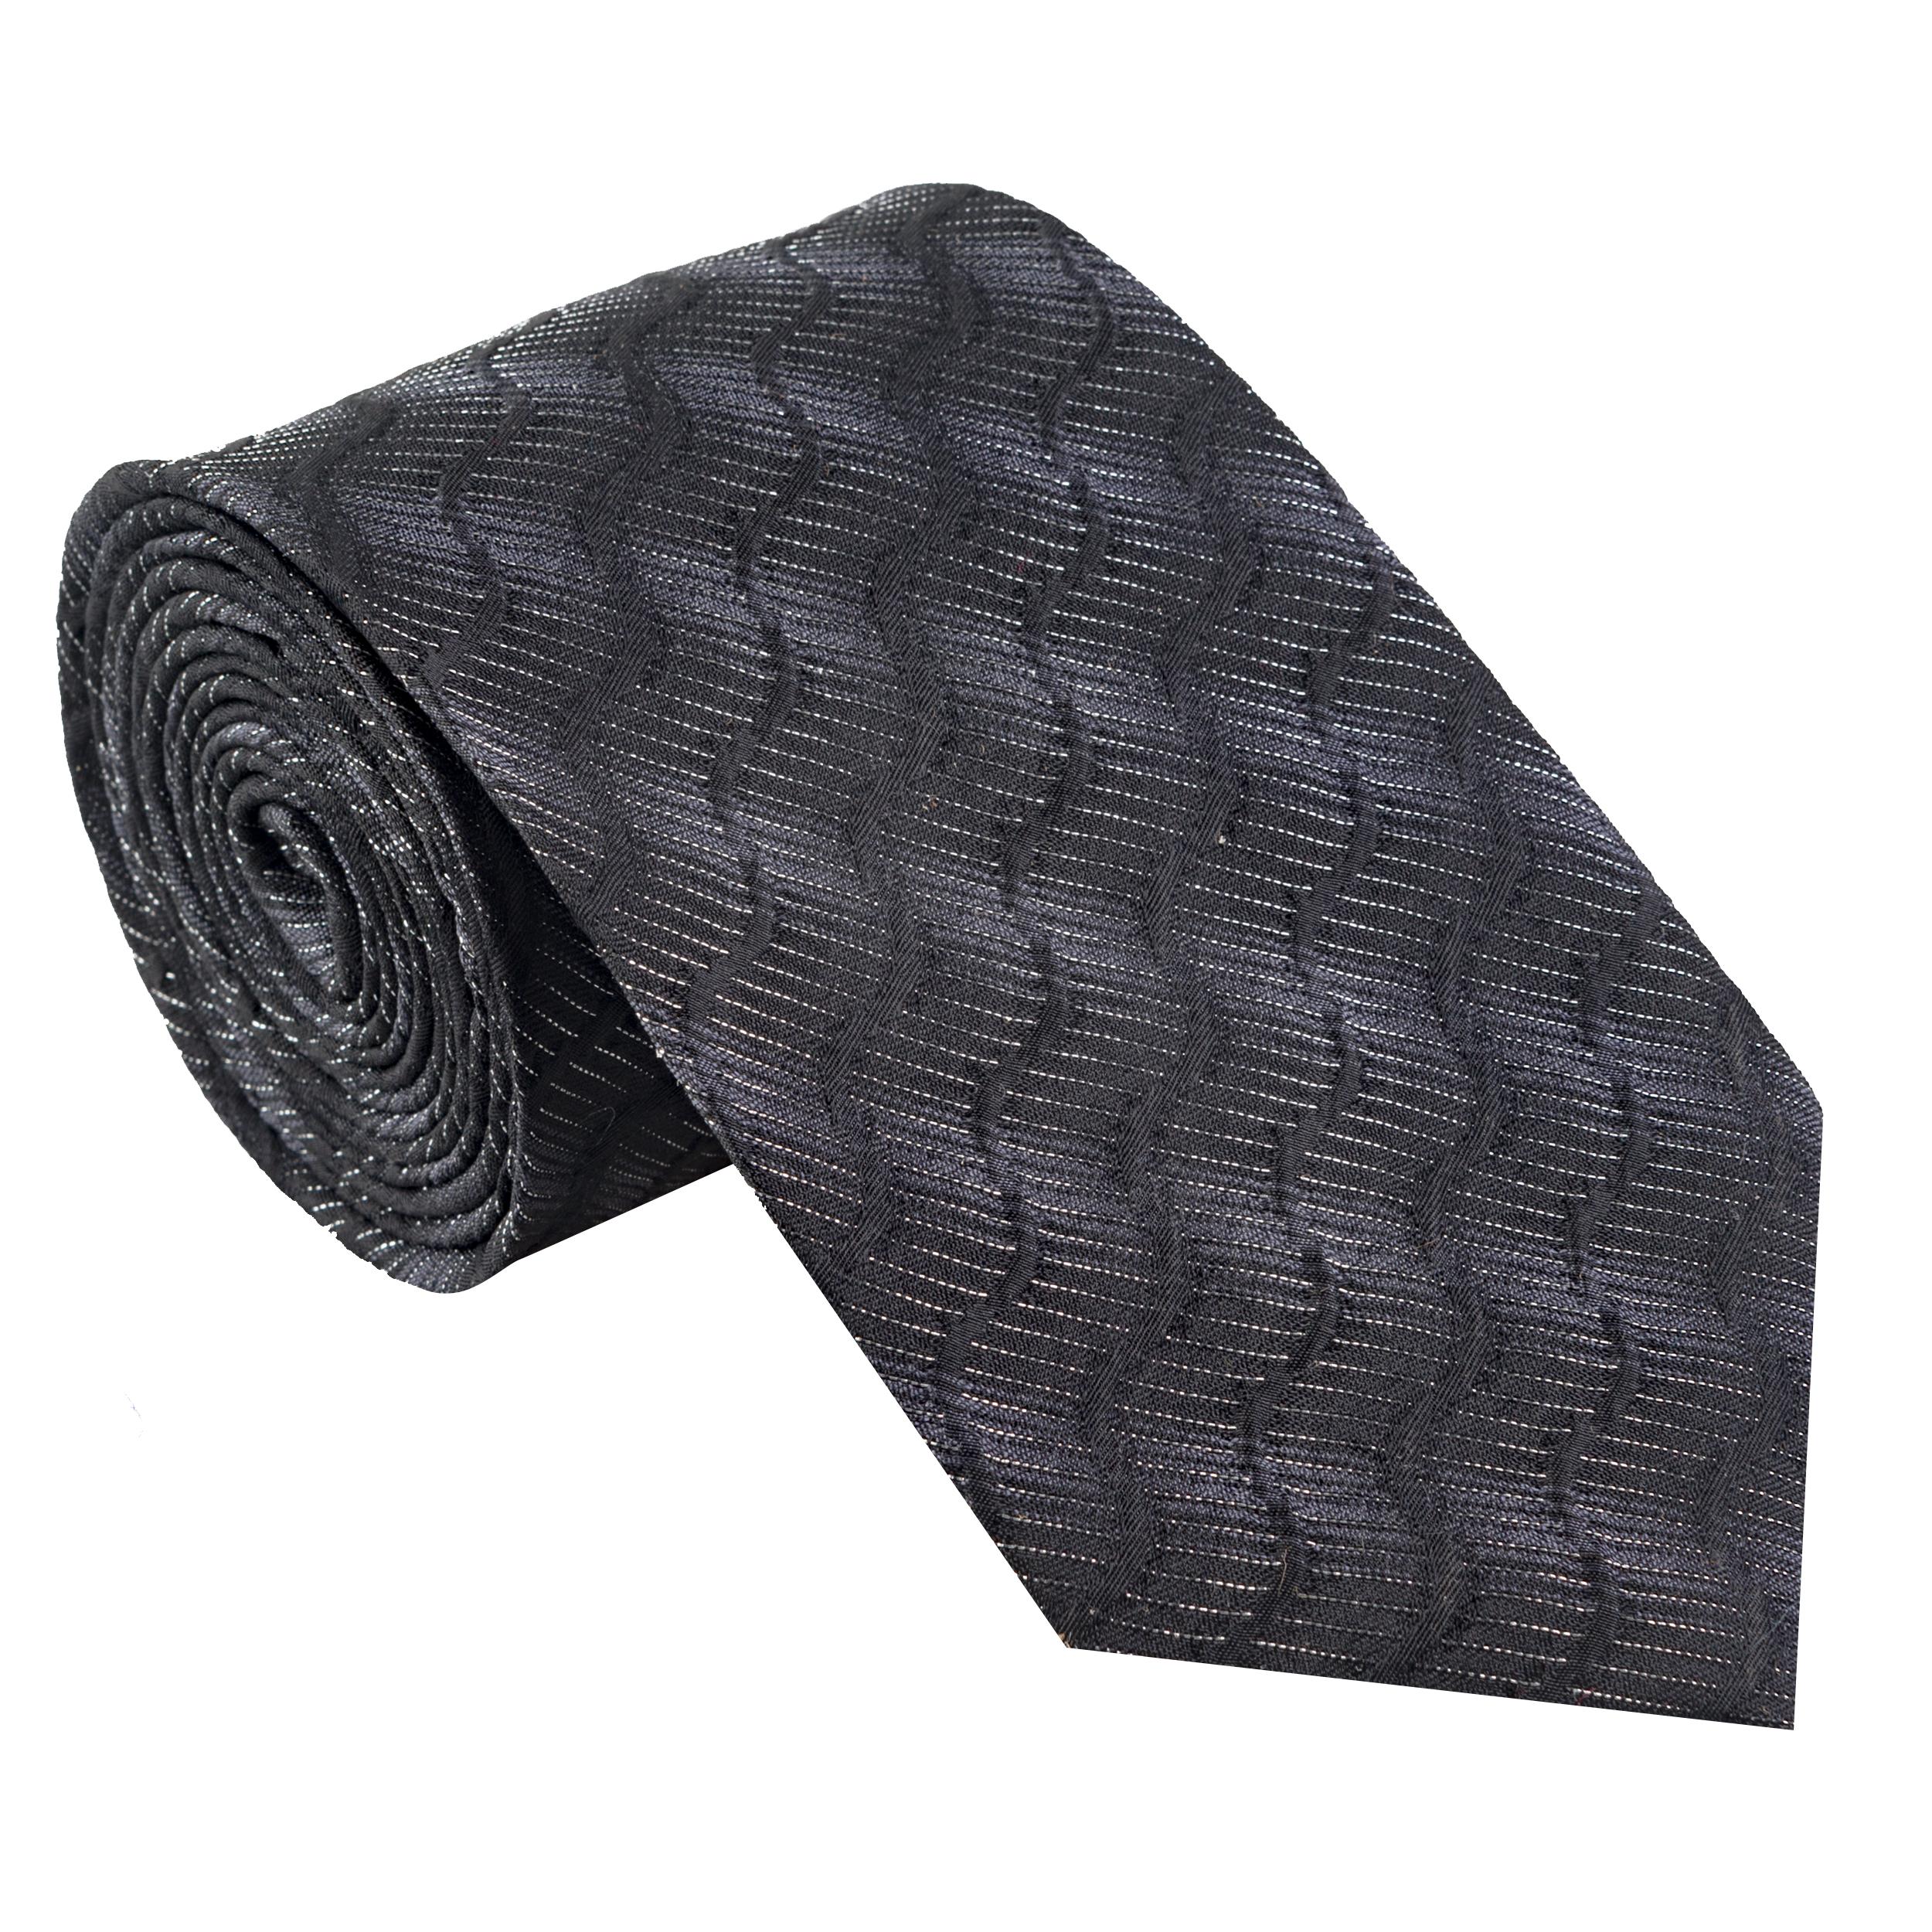 کراوات مردانه جیان فرانکو روسی مدل GF-ST522-BK